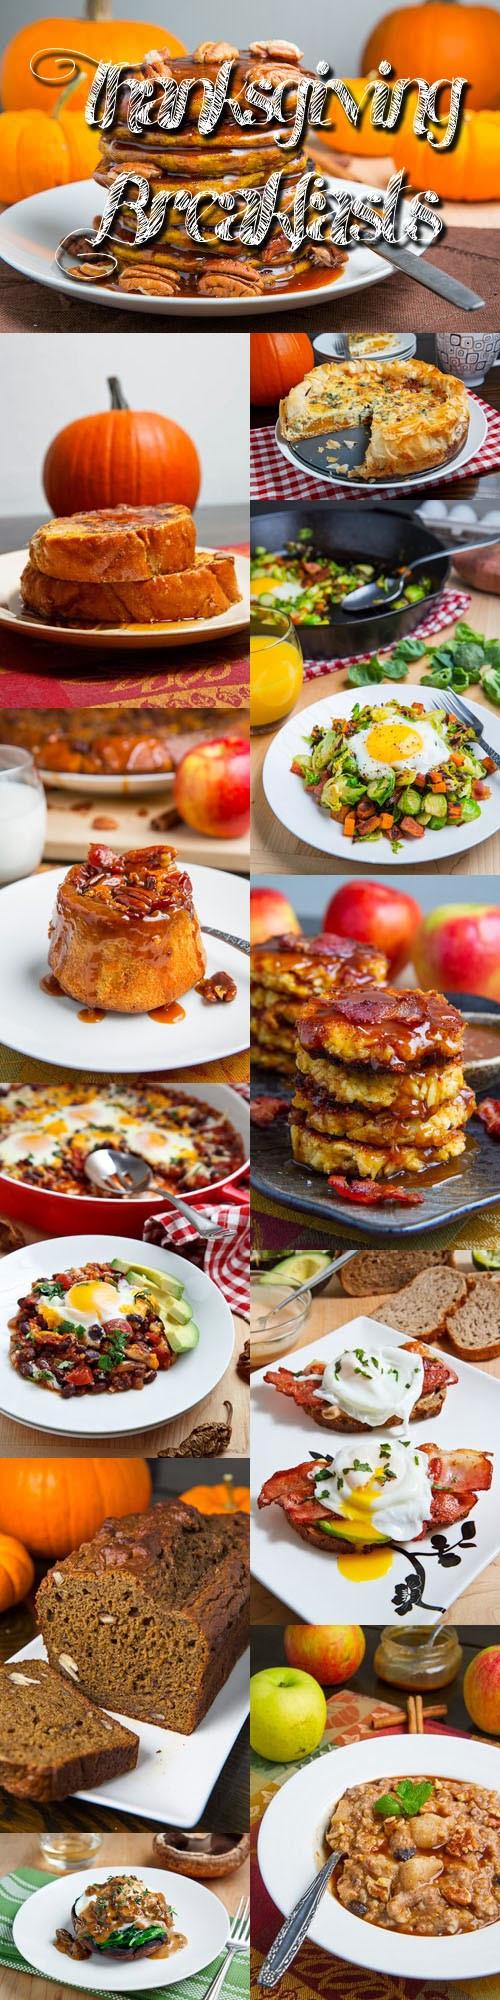 Thanksgiving Breakfast Menus  Thanksgiving Breakfast Recipes on Closet Cooking